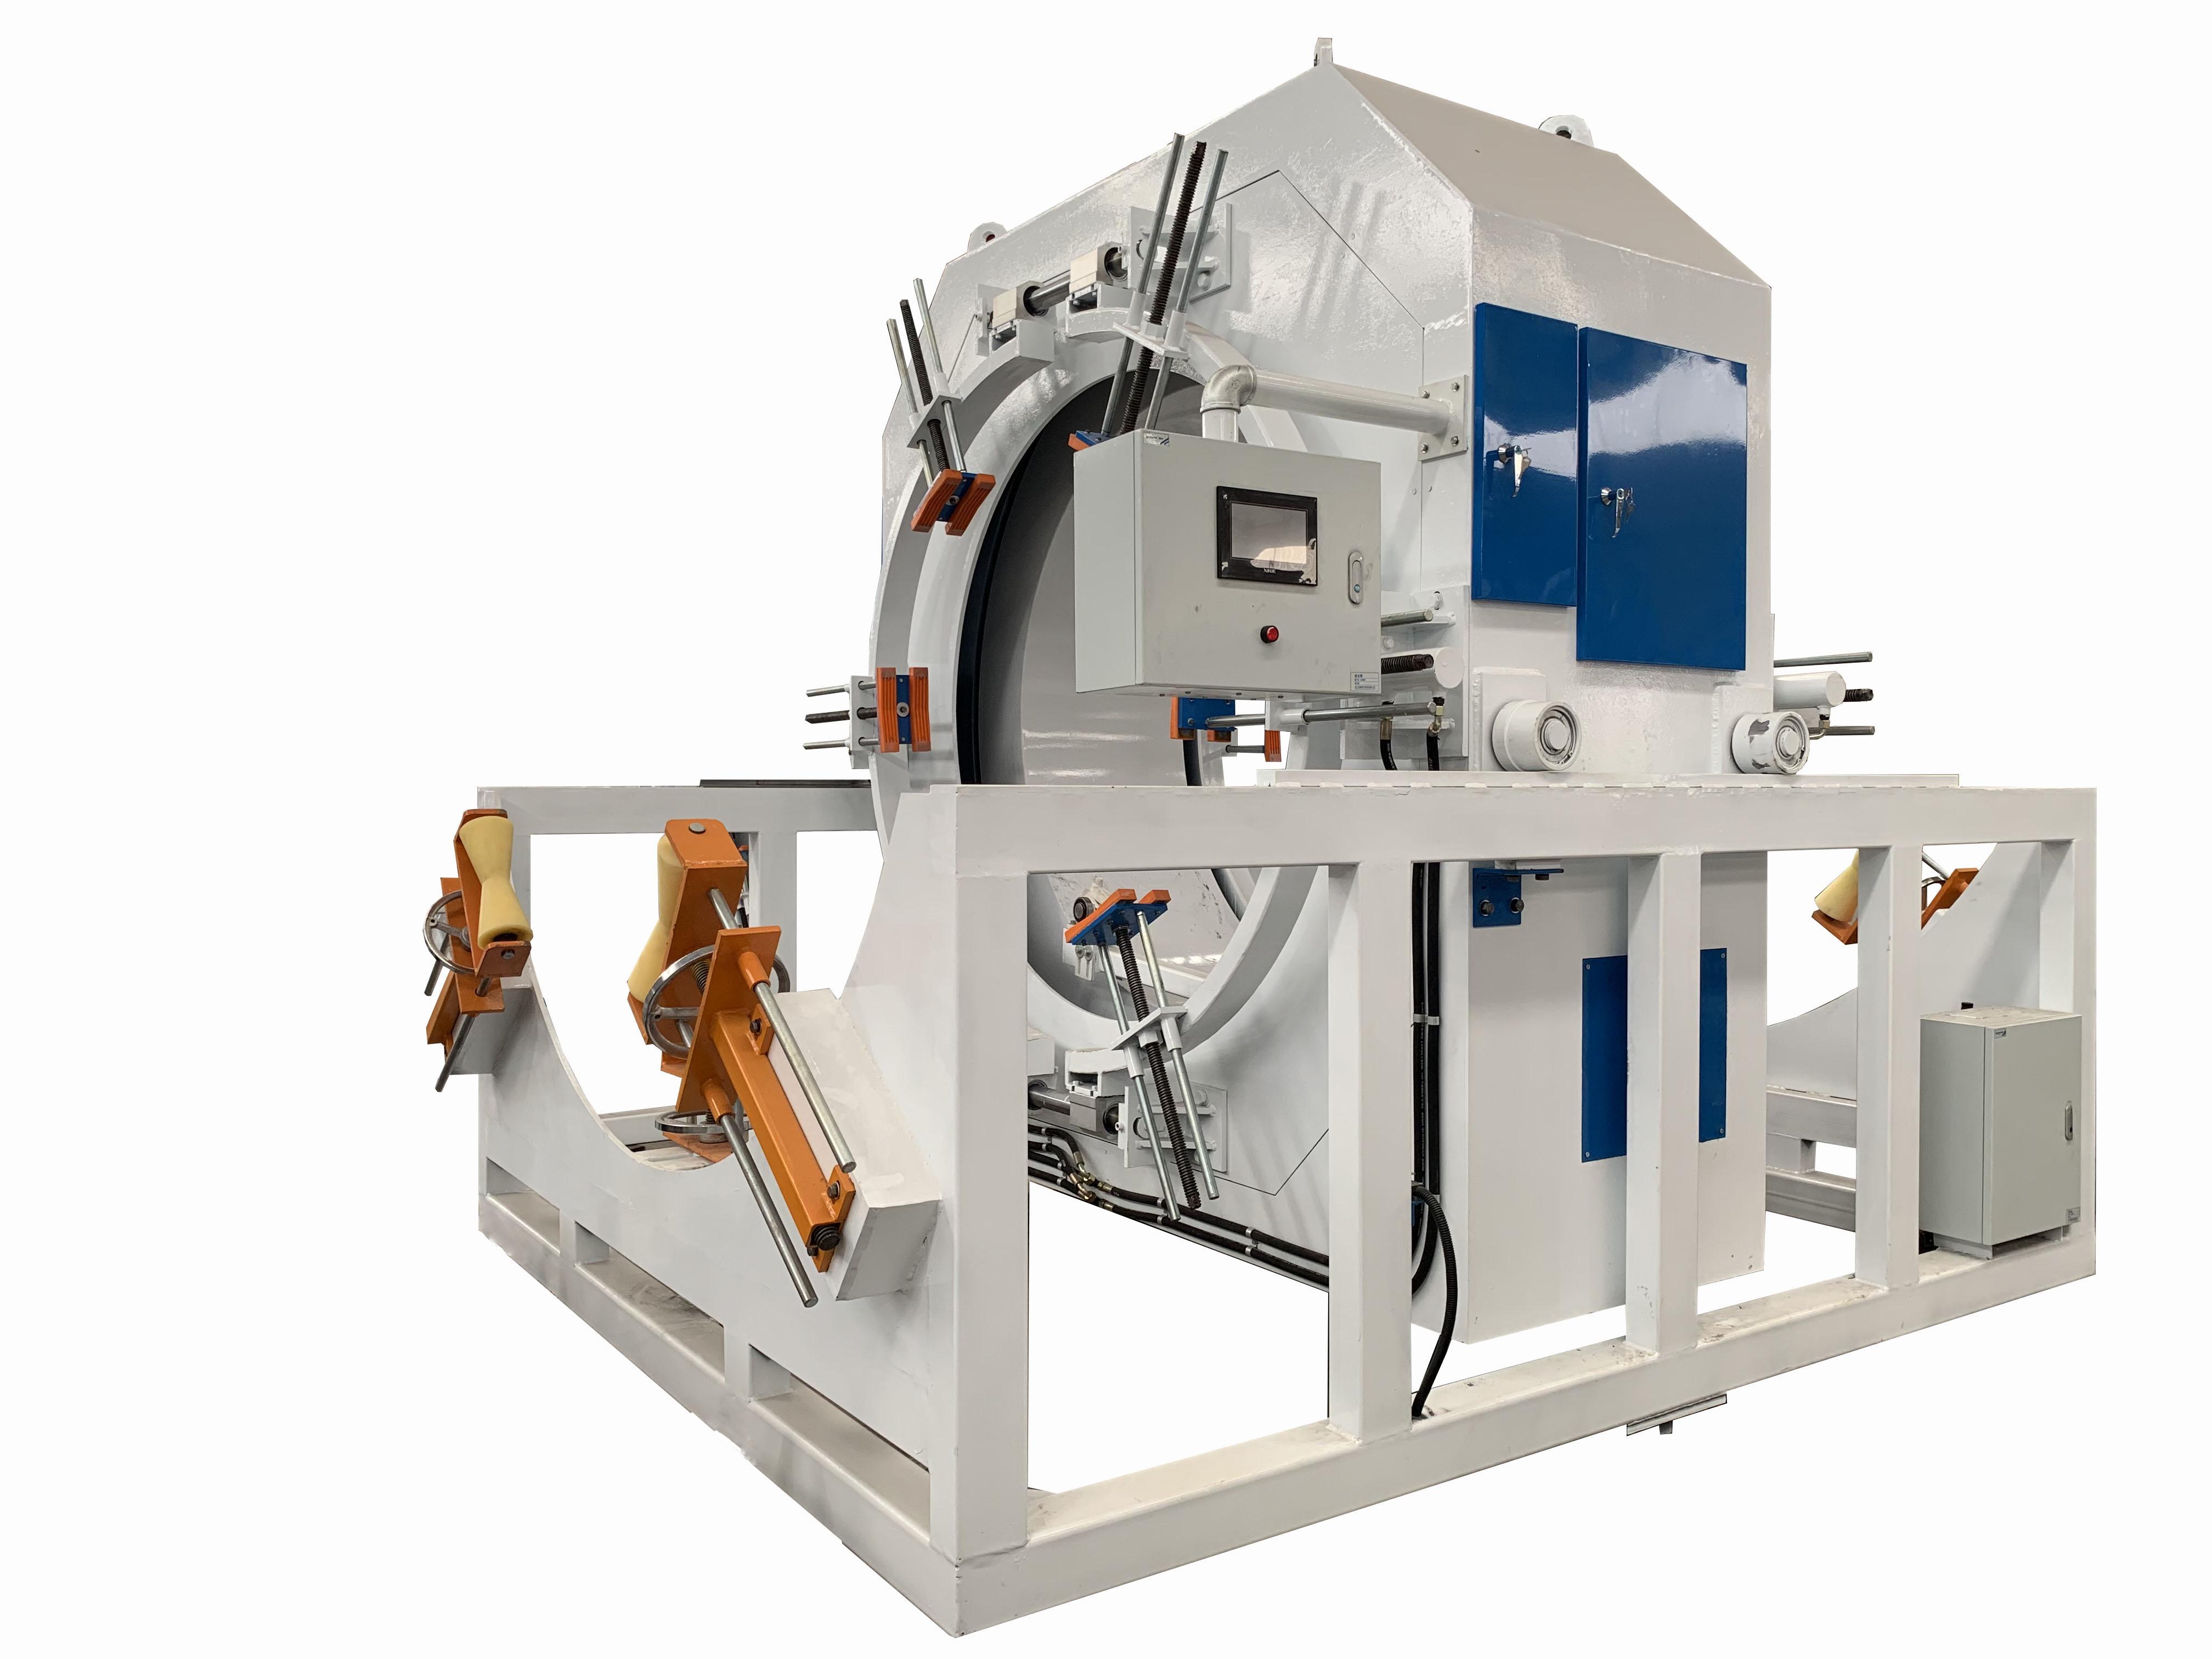 Сооружения для бальзамирования и обогрева-лучшие производители теплоизоляционных материалов в мире.